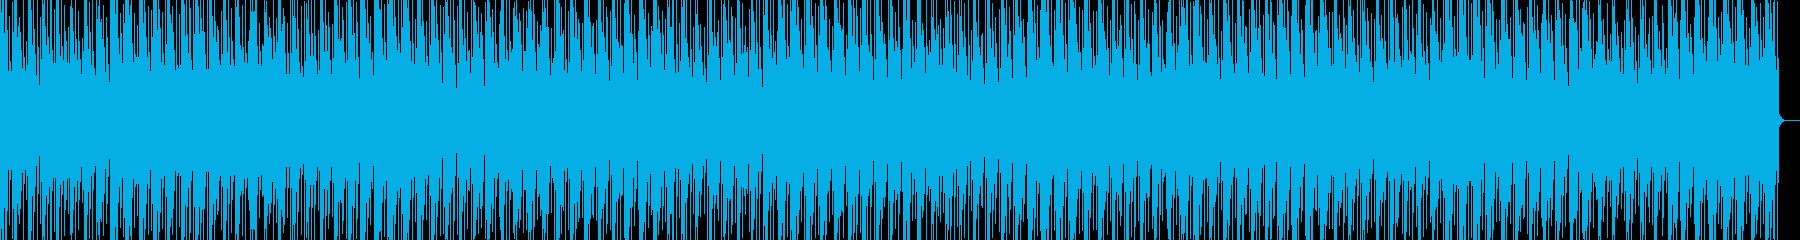 ニュース9 事件・事故・COVID-19の再生済みの波形